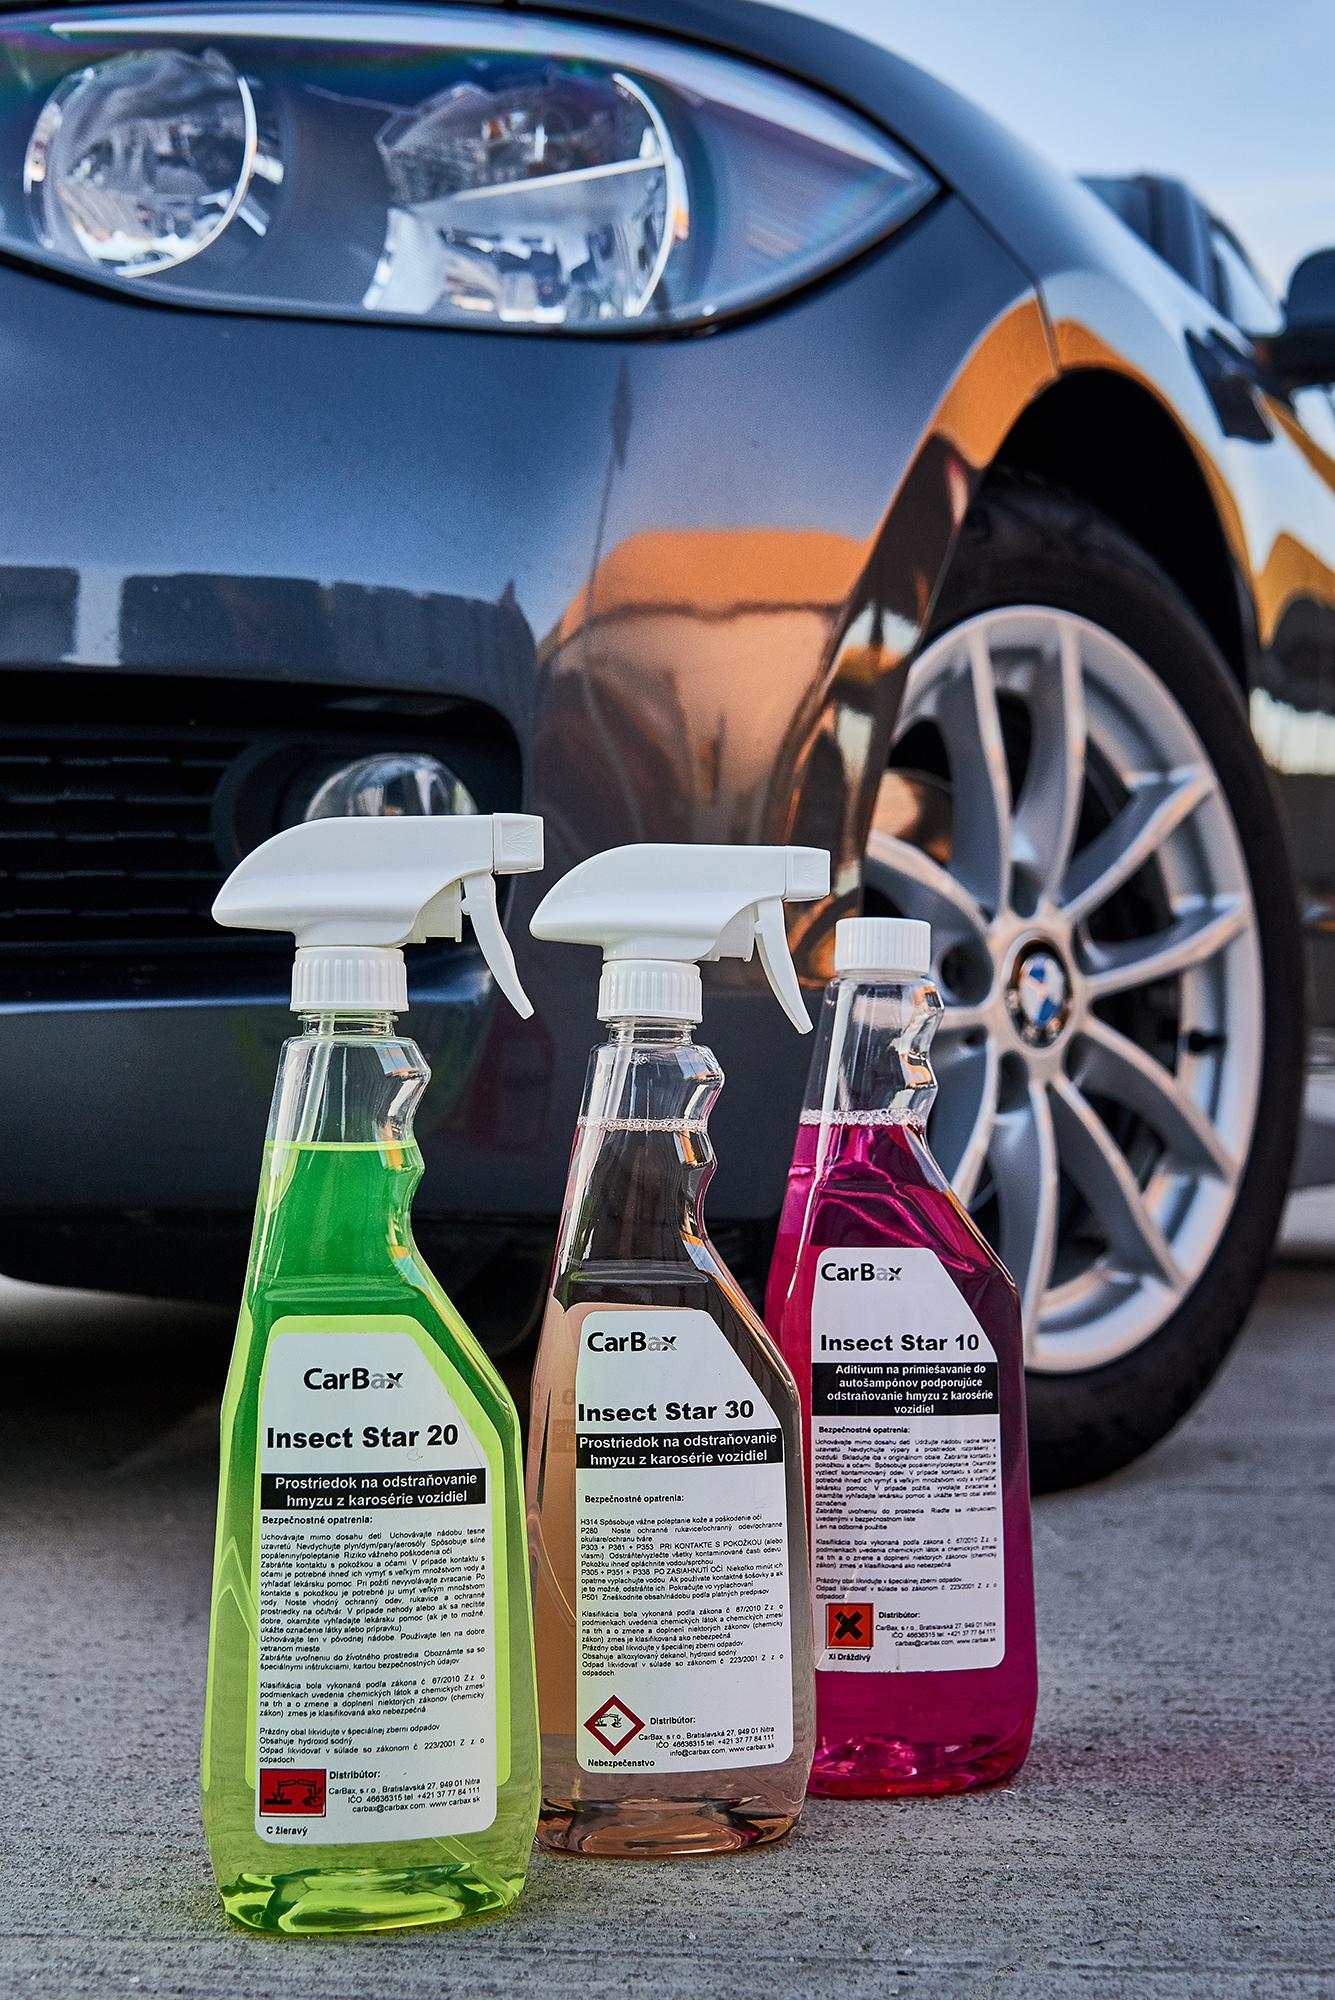 star line - obsahuje široký sortiment čistiacich prostriedkov určených pre bezdotykové umývanie a starostlivosť o autá ako sú aktívna pena, rýchlo sušiace vosky, prípravky pre čistenie diskov a pneumatík, starostlivosť o plastové časti interiéru a exteriéru ako aj prostriedok pre starostlivosť o kefy automatickej umývacej linky. Línia tiež obsahuje širokú ponuku prostriedkov pre čistiaci priemysel a upratovacie firmy ako prostriedky pre čistenie podláh, odstránenie vodného kameňa, odstránenie zaschnutého betónu a iné.